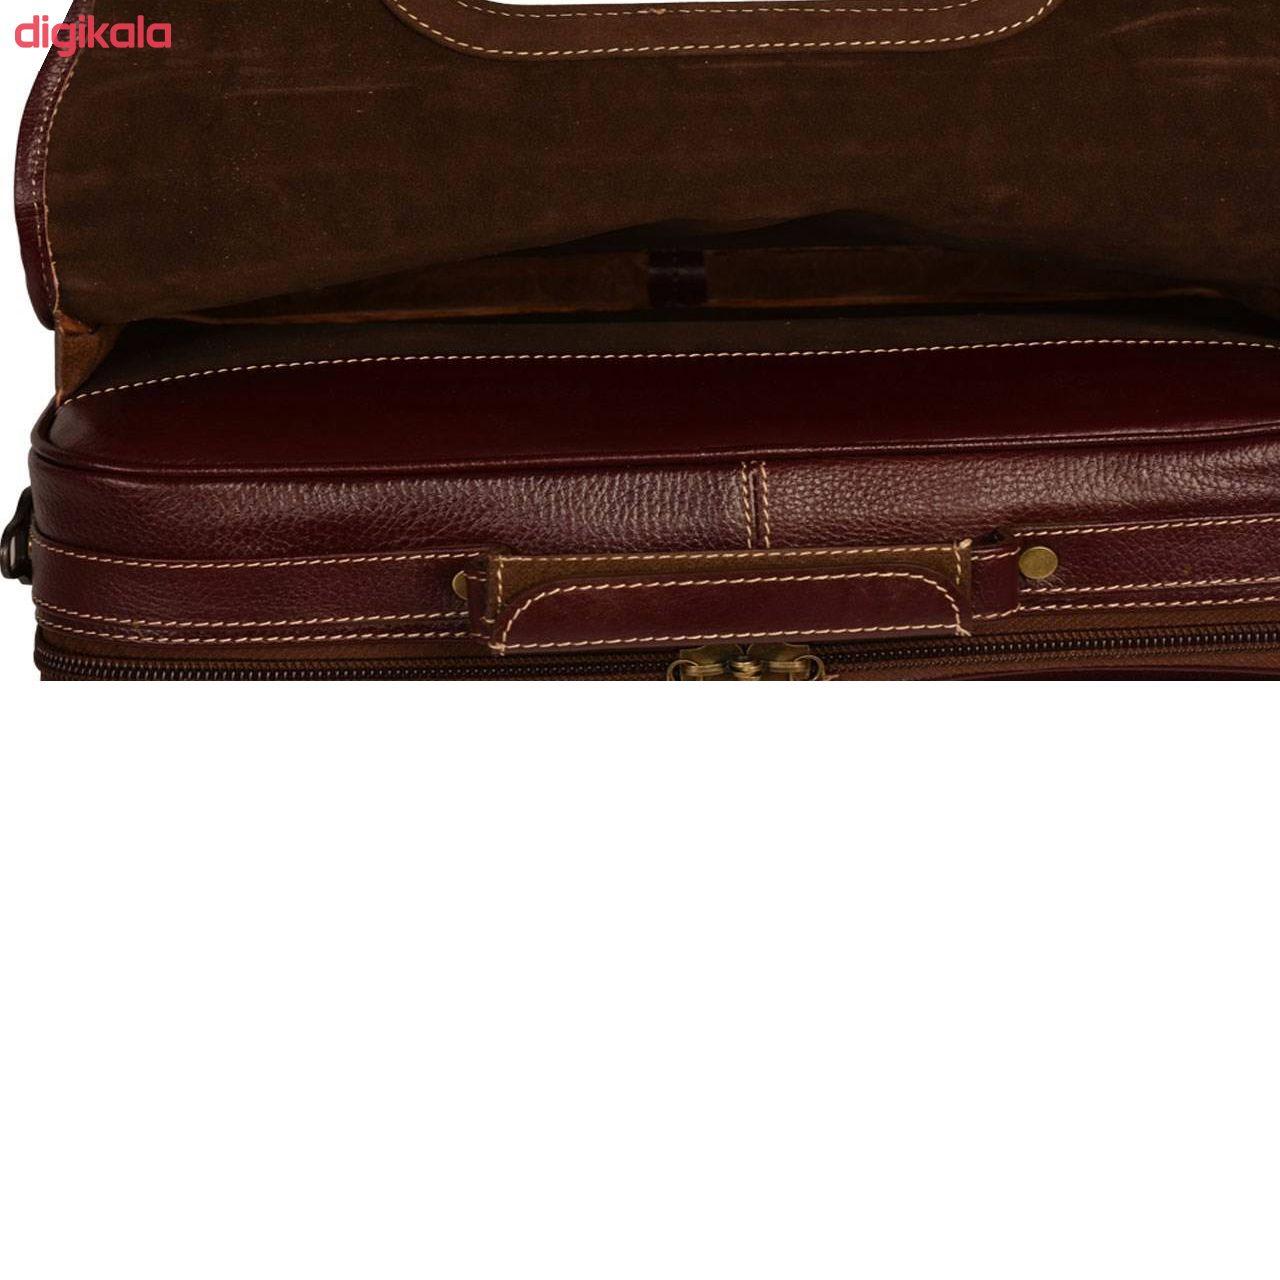 کیف اداری مردانه پارینه چرم مدل LT1 main 1 13